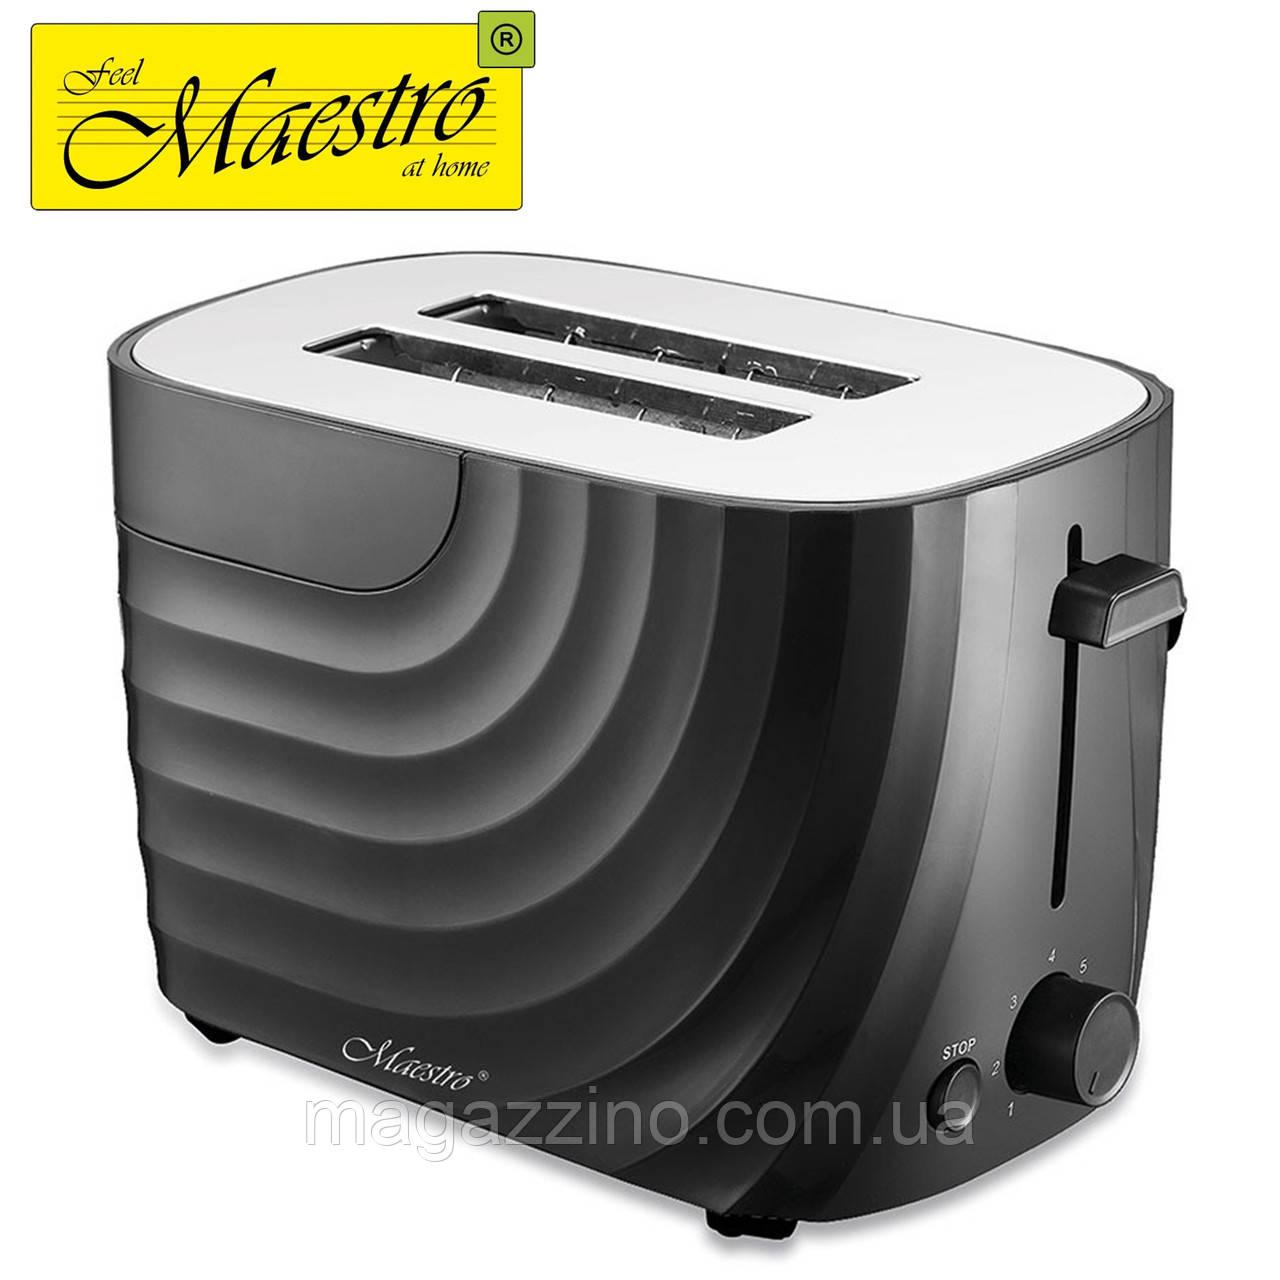 Тостер Maestro MR-706, 700 Вт., Черный